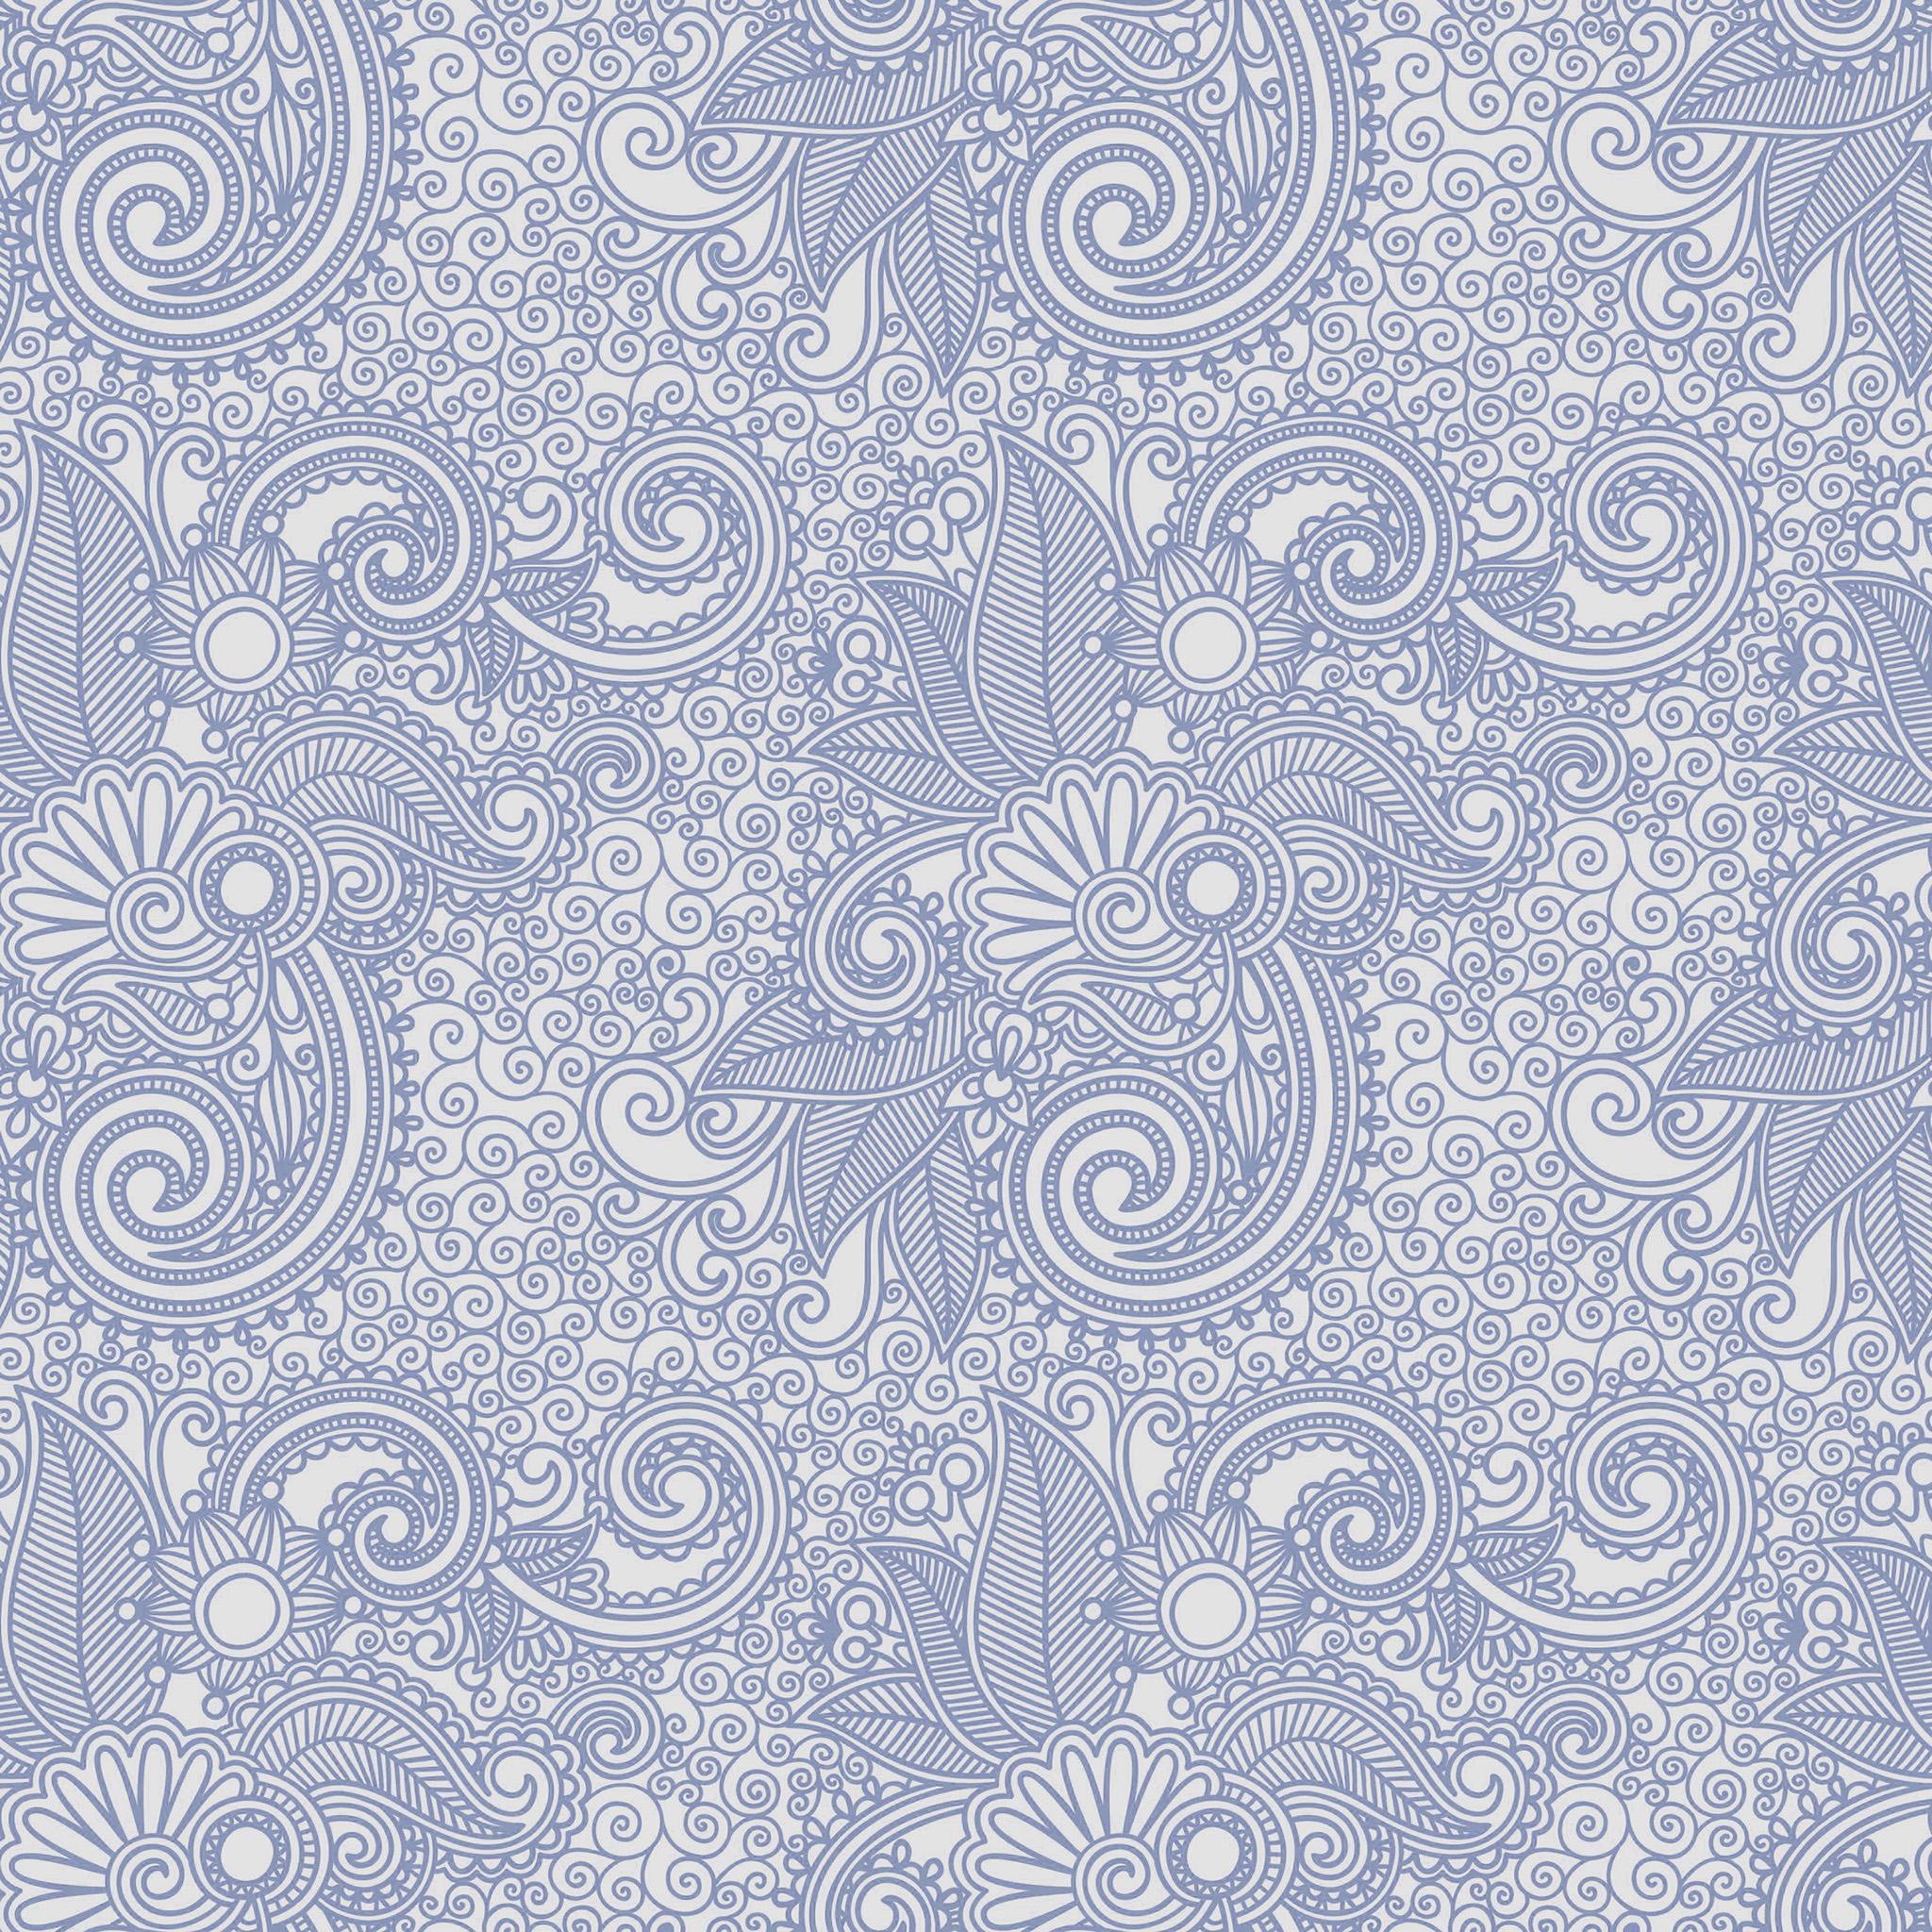 I Love Papers Vk28 Wallpaper Design Flower Line Blue Pattern